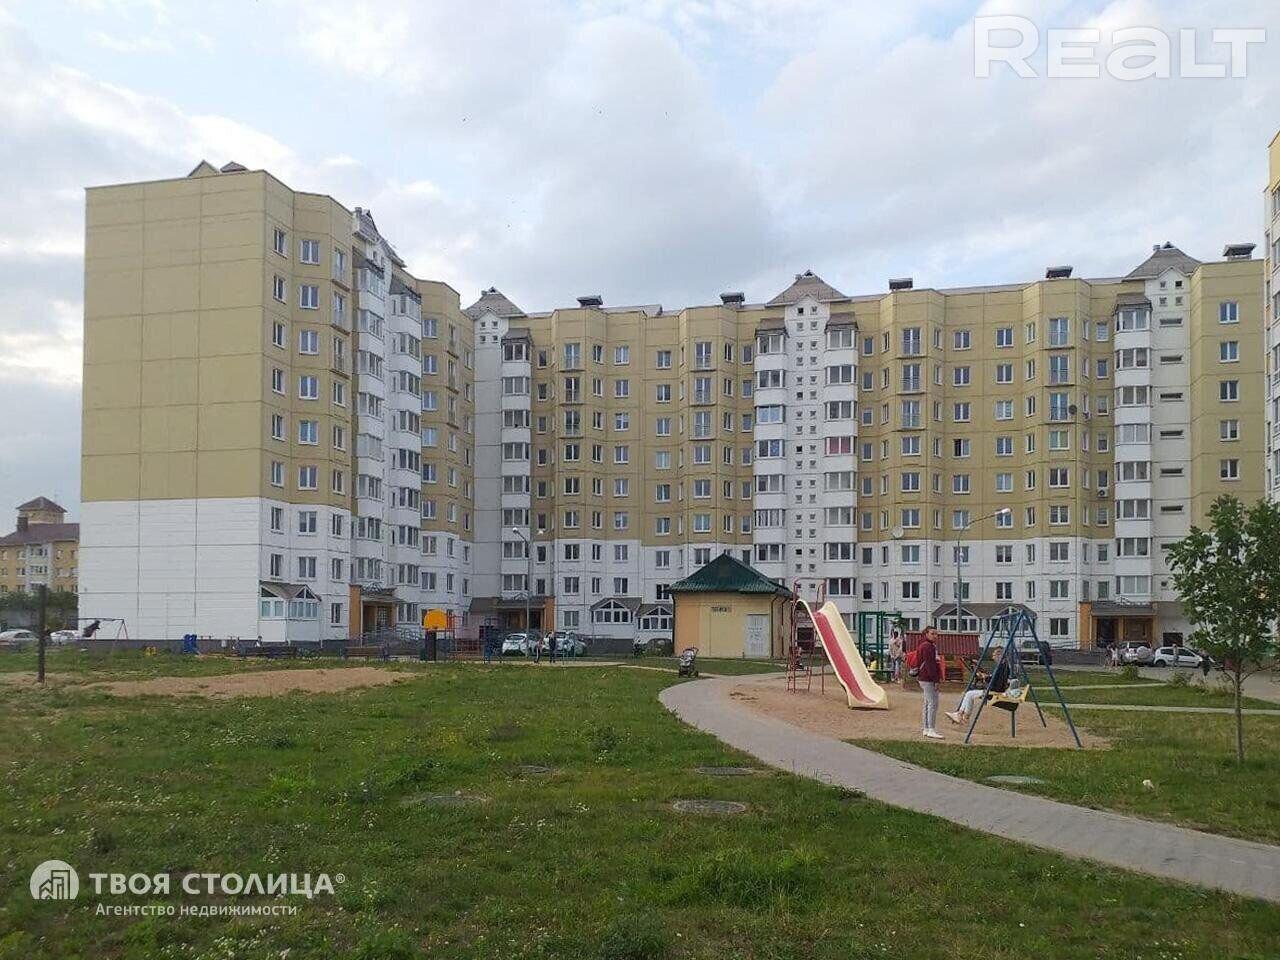 Продажа 2-х комнатной квартиры в г. Минске, ул. Выготского, дом 20 (р-н Новинки). Цена 173 909 руб